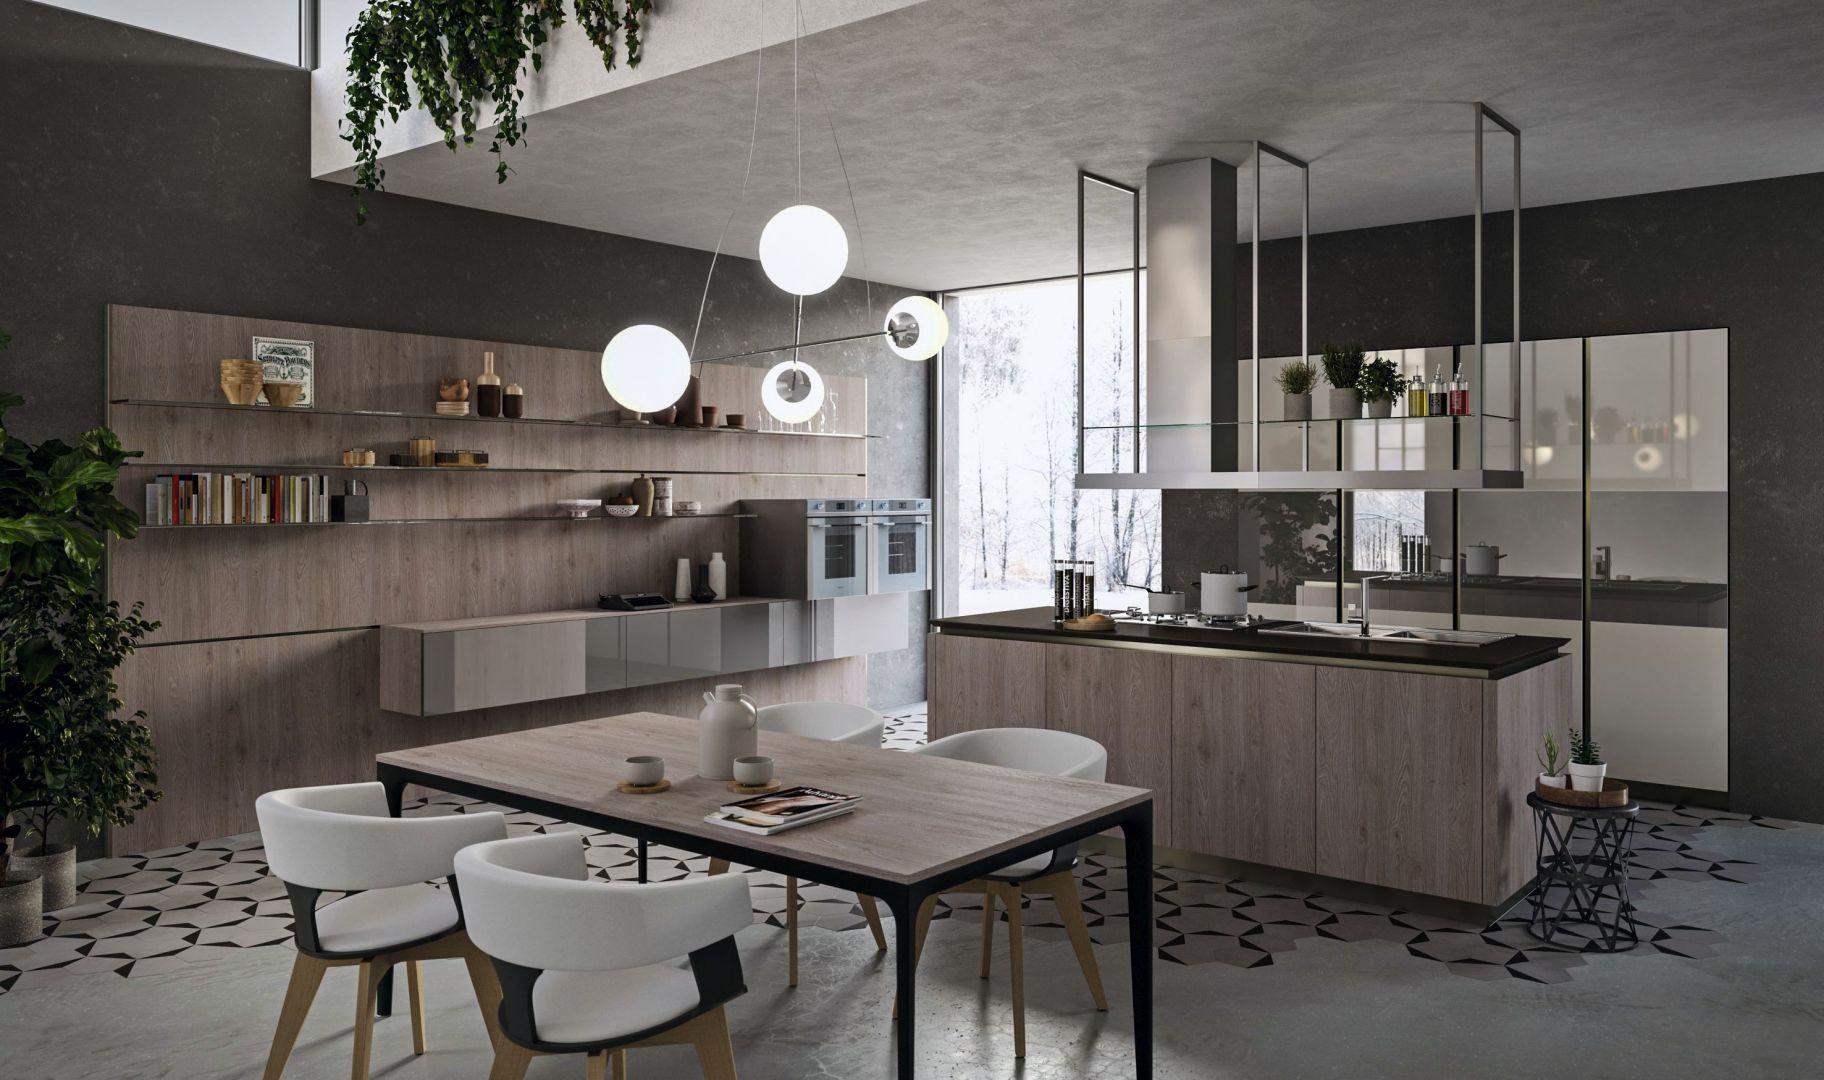 Laboratorium kuchenne Lab13 dzięki modułowości mebli umożliwia zwiększenie ich pojemności o 20%, łącząc design z pięknem, jakością i wygodą. Fot. Aran Cucine